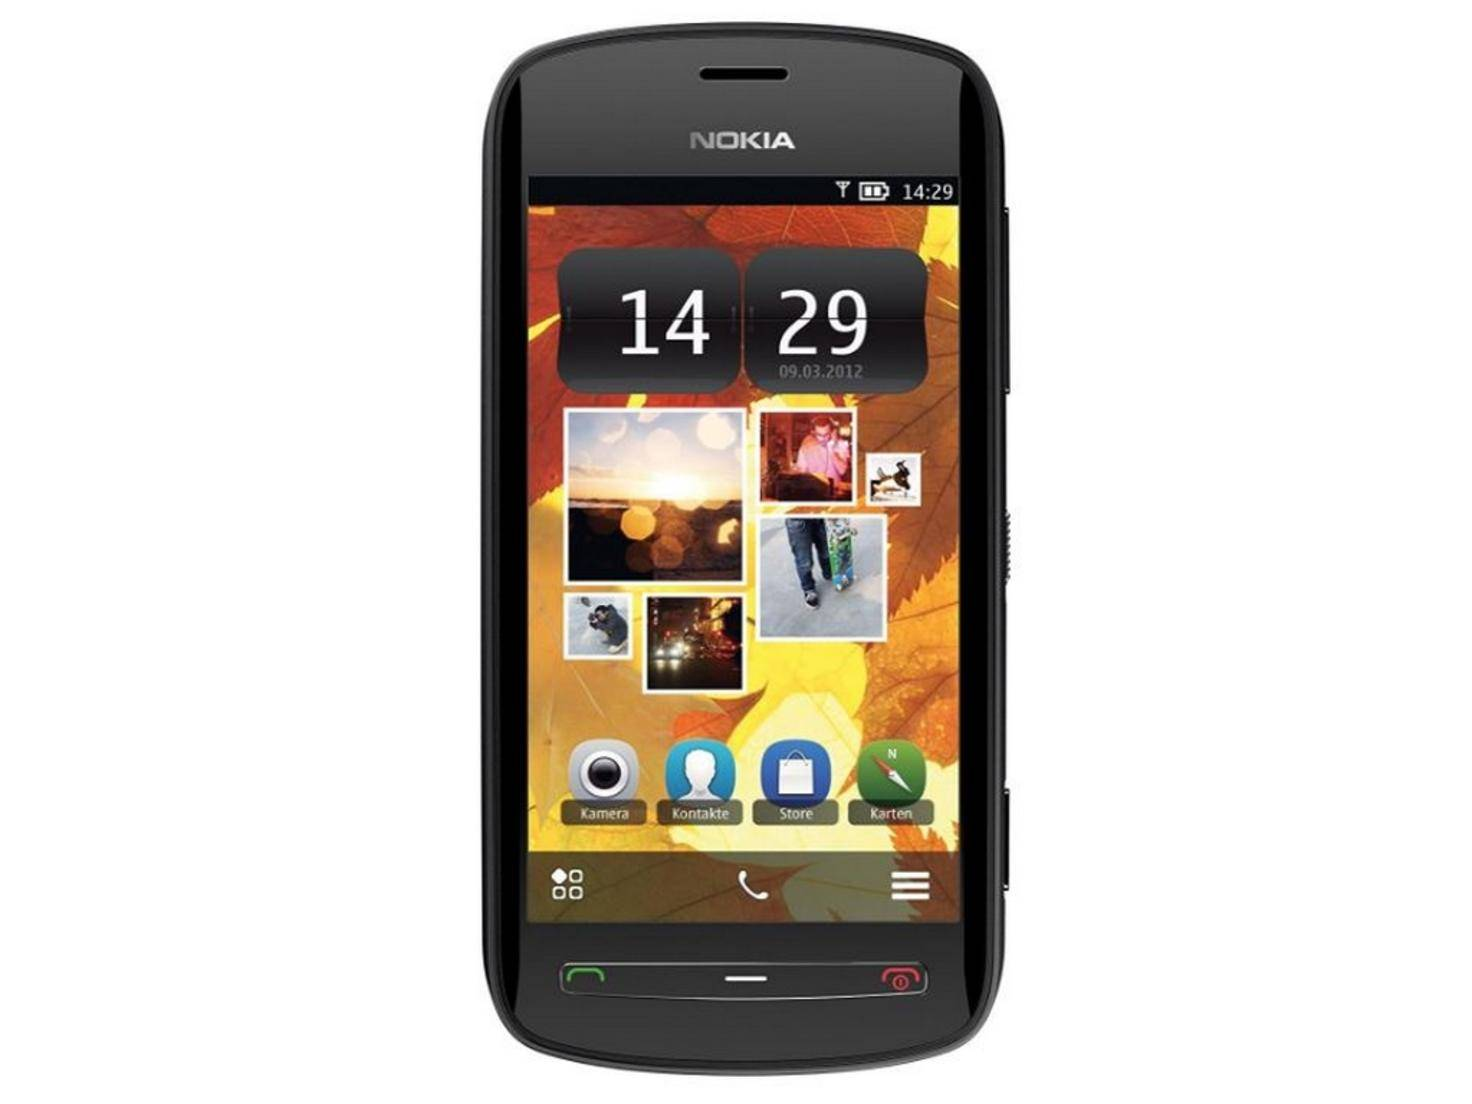 Nokia Symbian